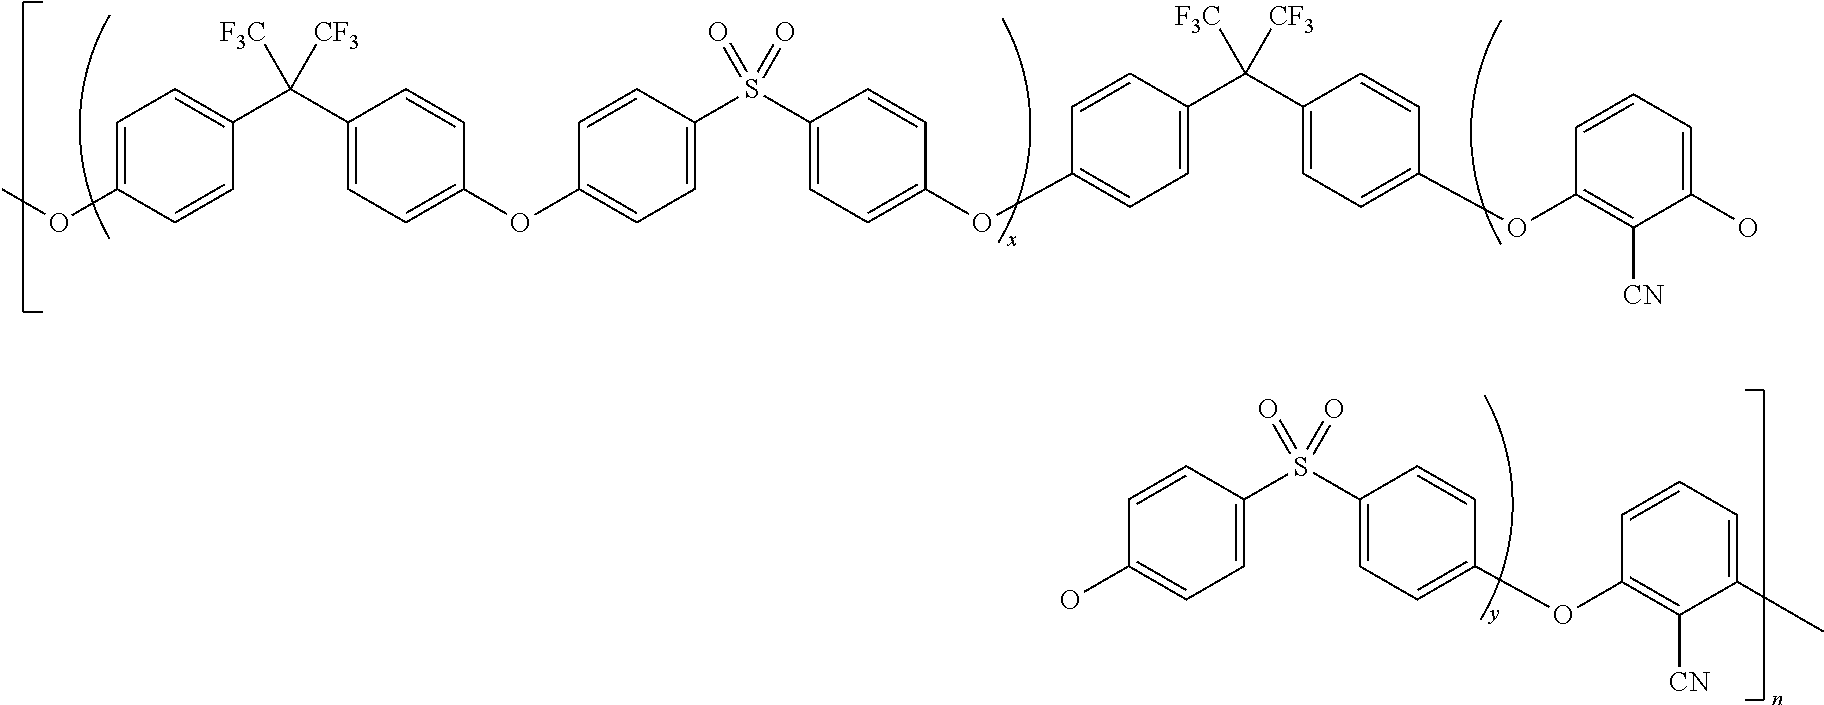 Figure US07977451-20110712-C00011